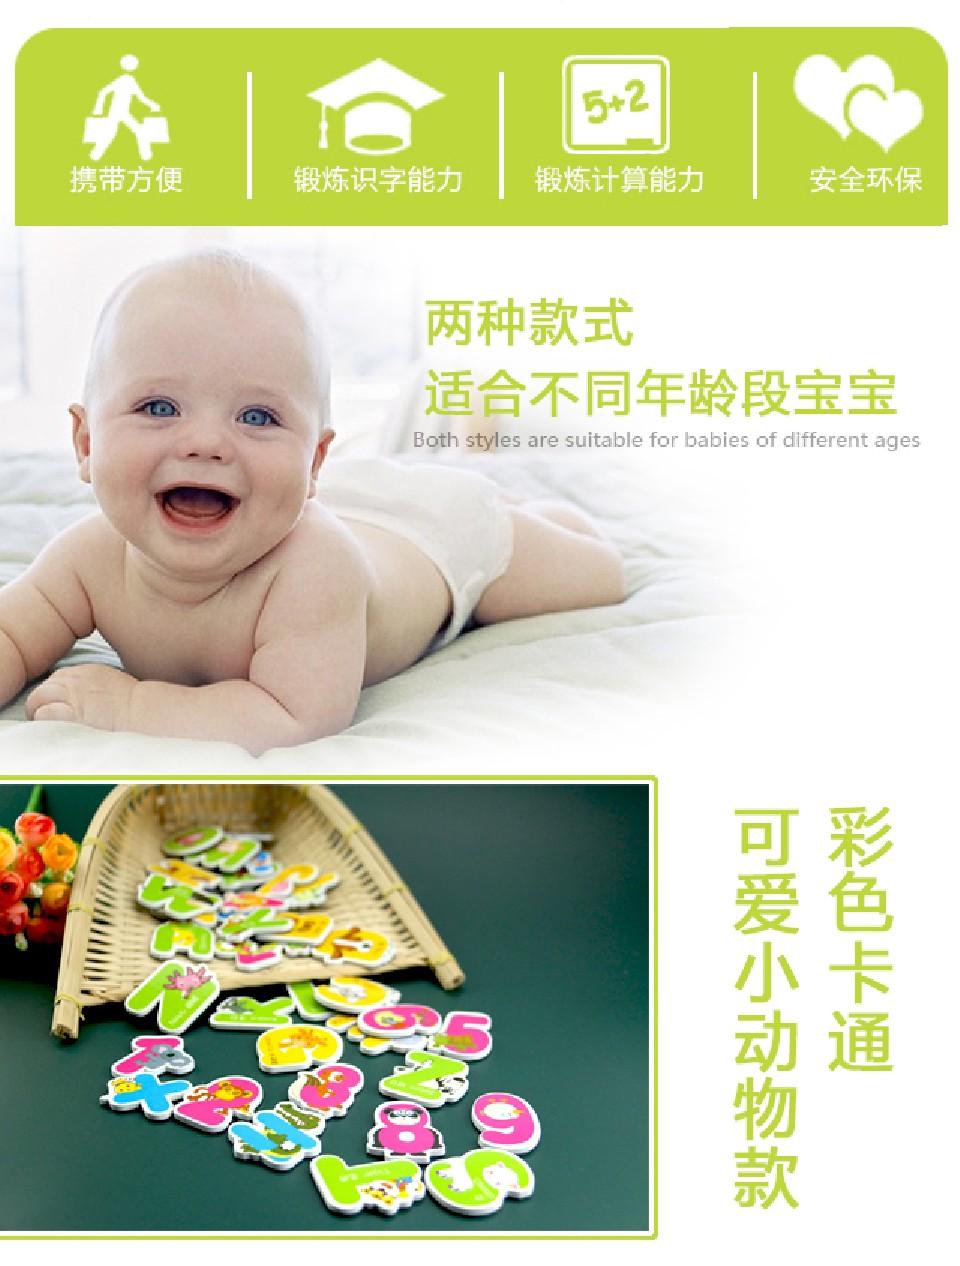 追梦EVA儿童磁性字母贴|磁性挂件-大连追梦科技有限公司